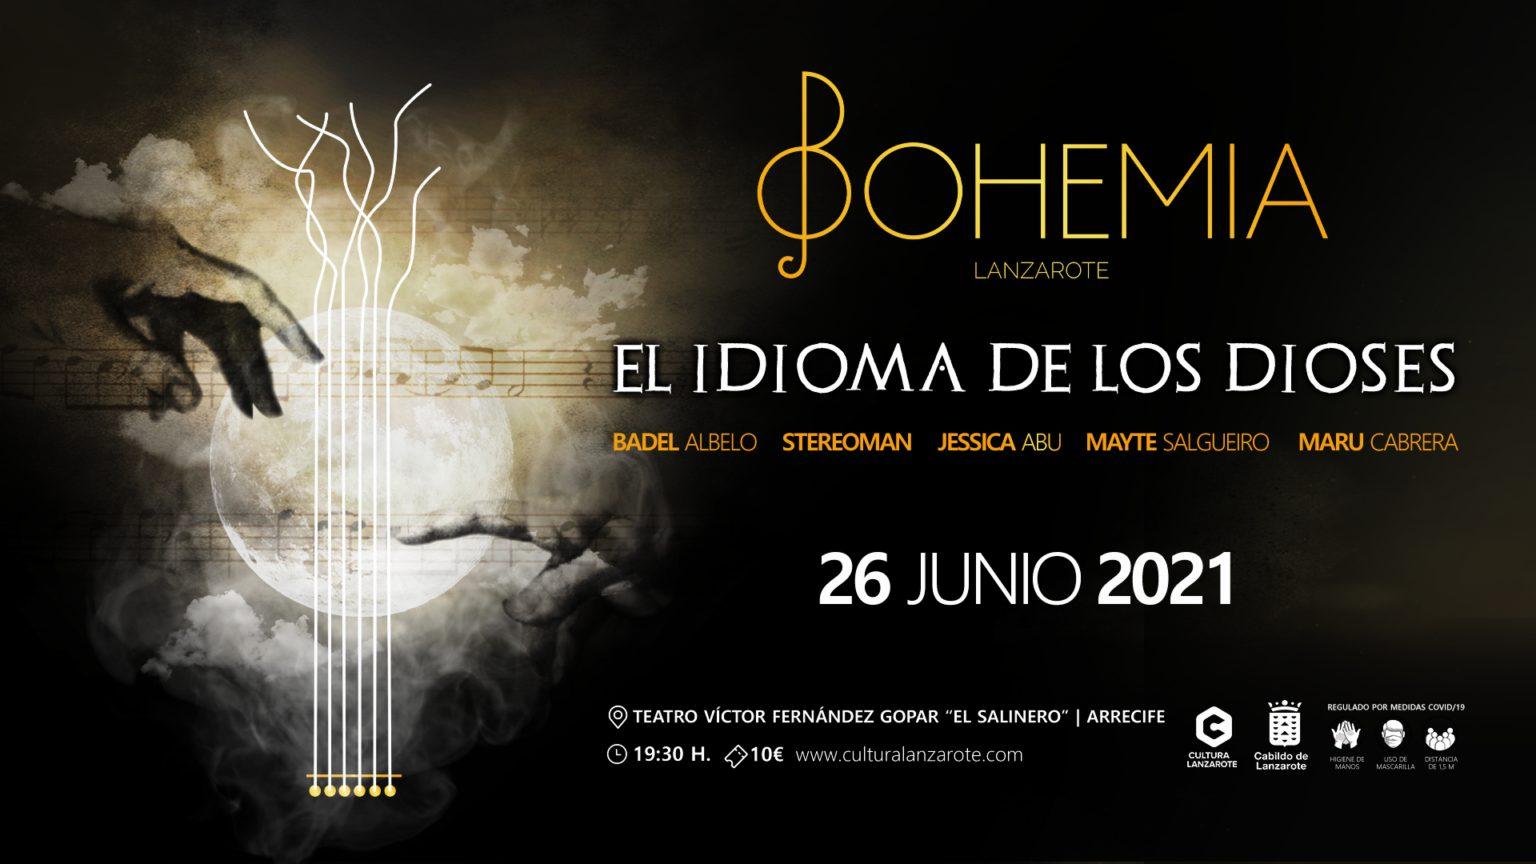 'El idioma de los dioses', de Bohemia Lanzarote en el Teatro El Salinero